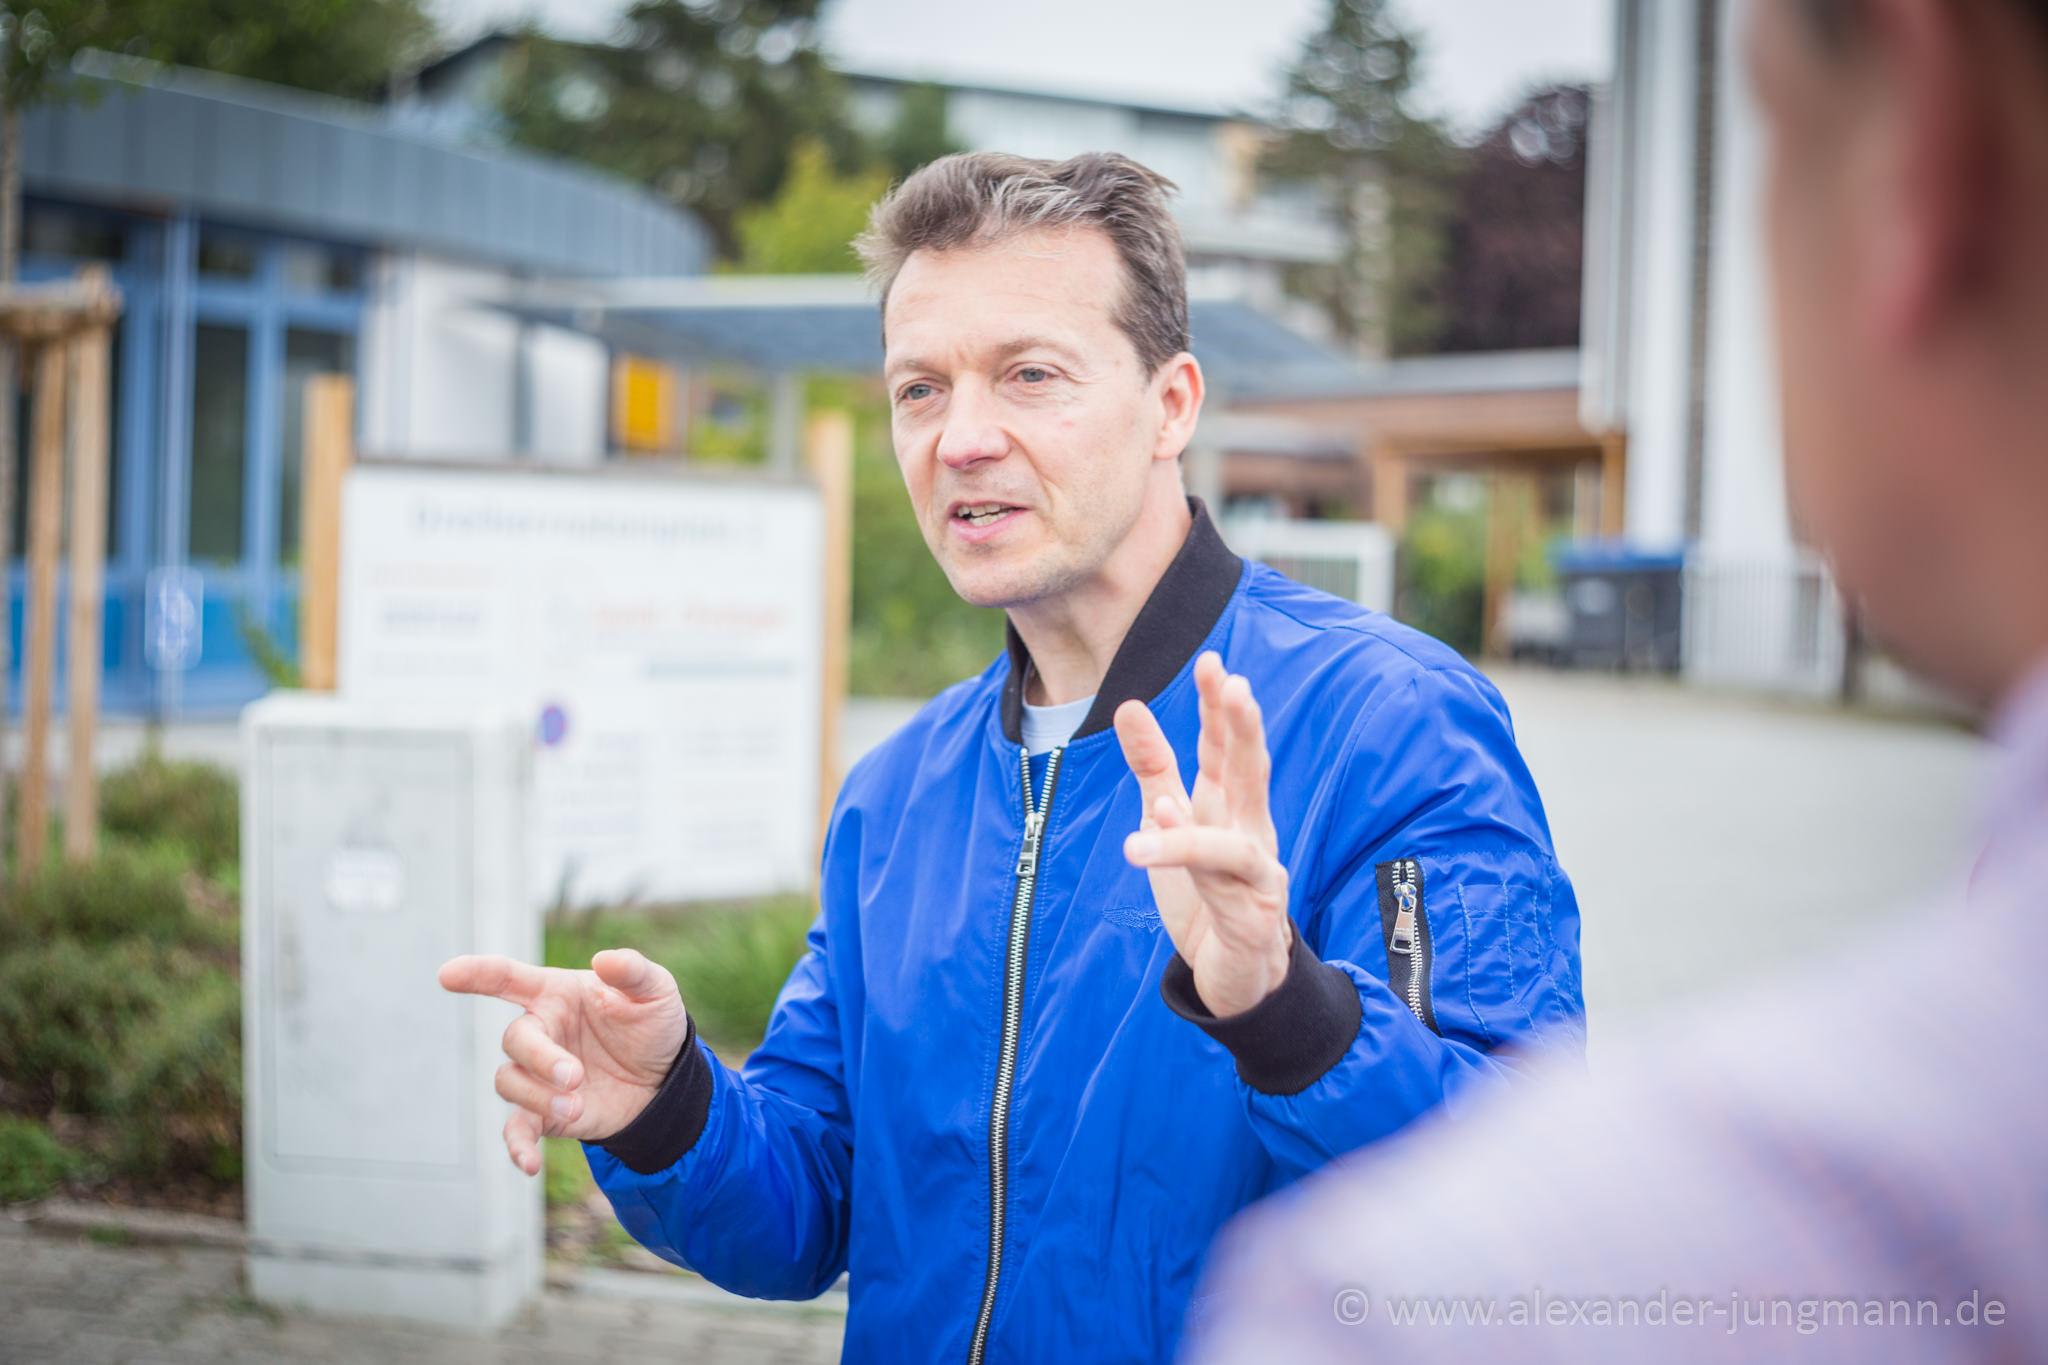 Jörg Müller, bei seinen Ausführungen zur Parkraumsituation in Gravenbruch.